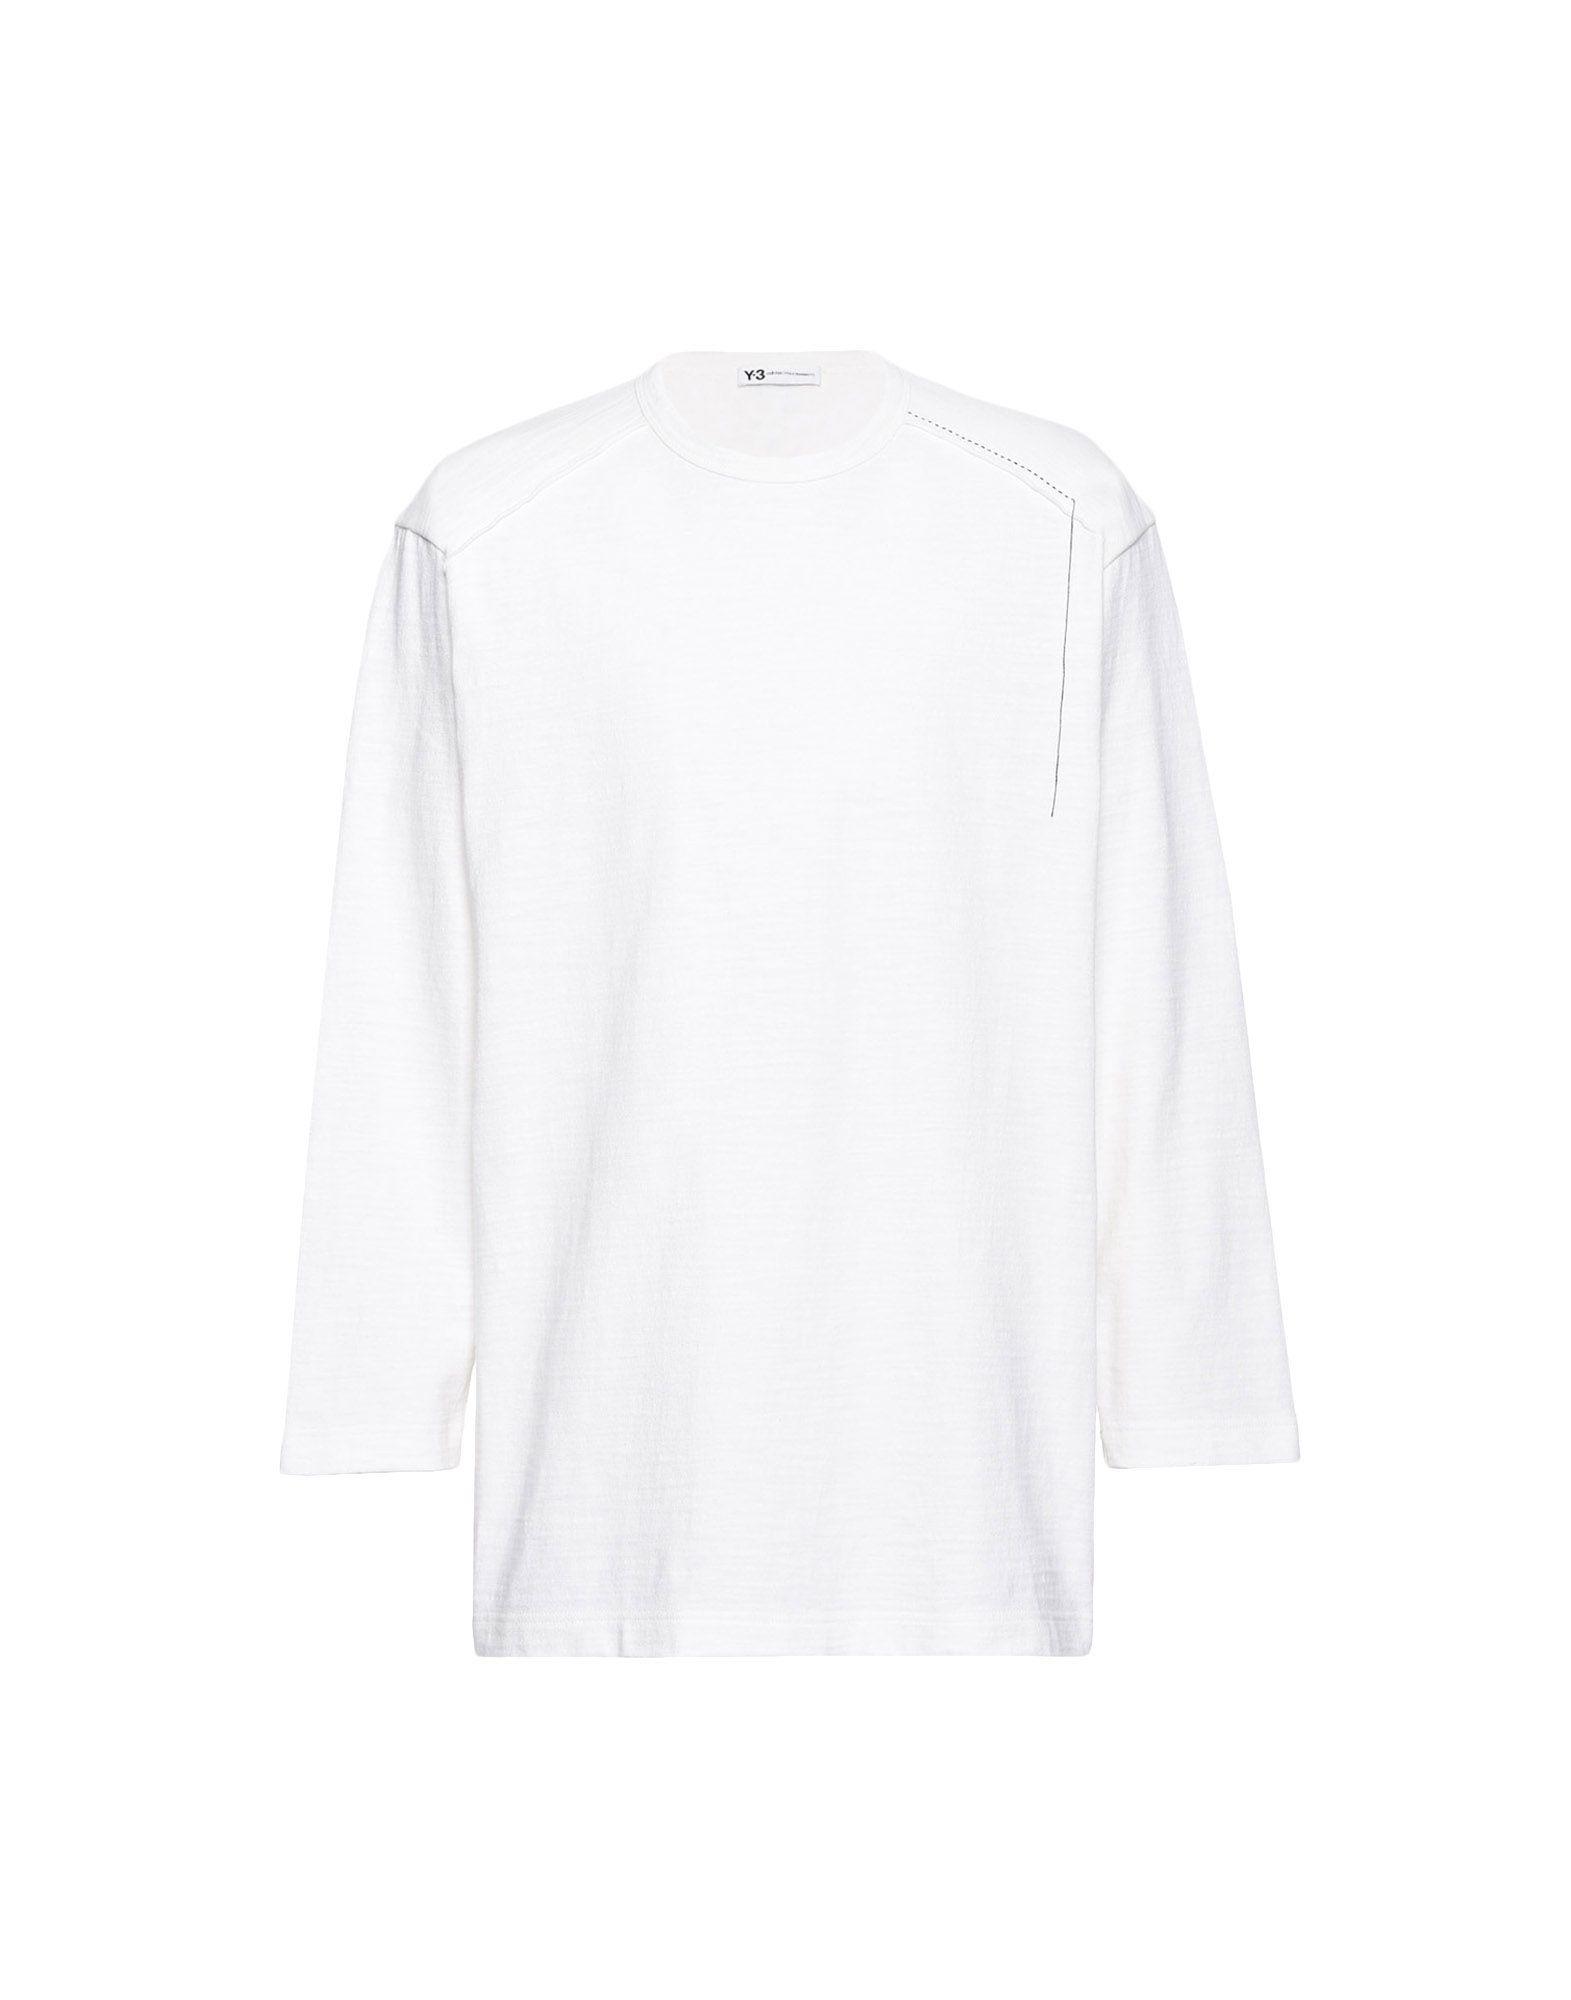 Y-3 Y-3 Sashiko Tee Long sleeve t-shirt Man f